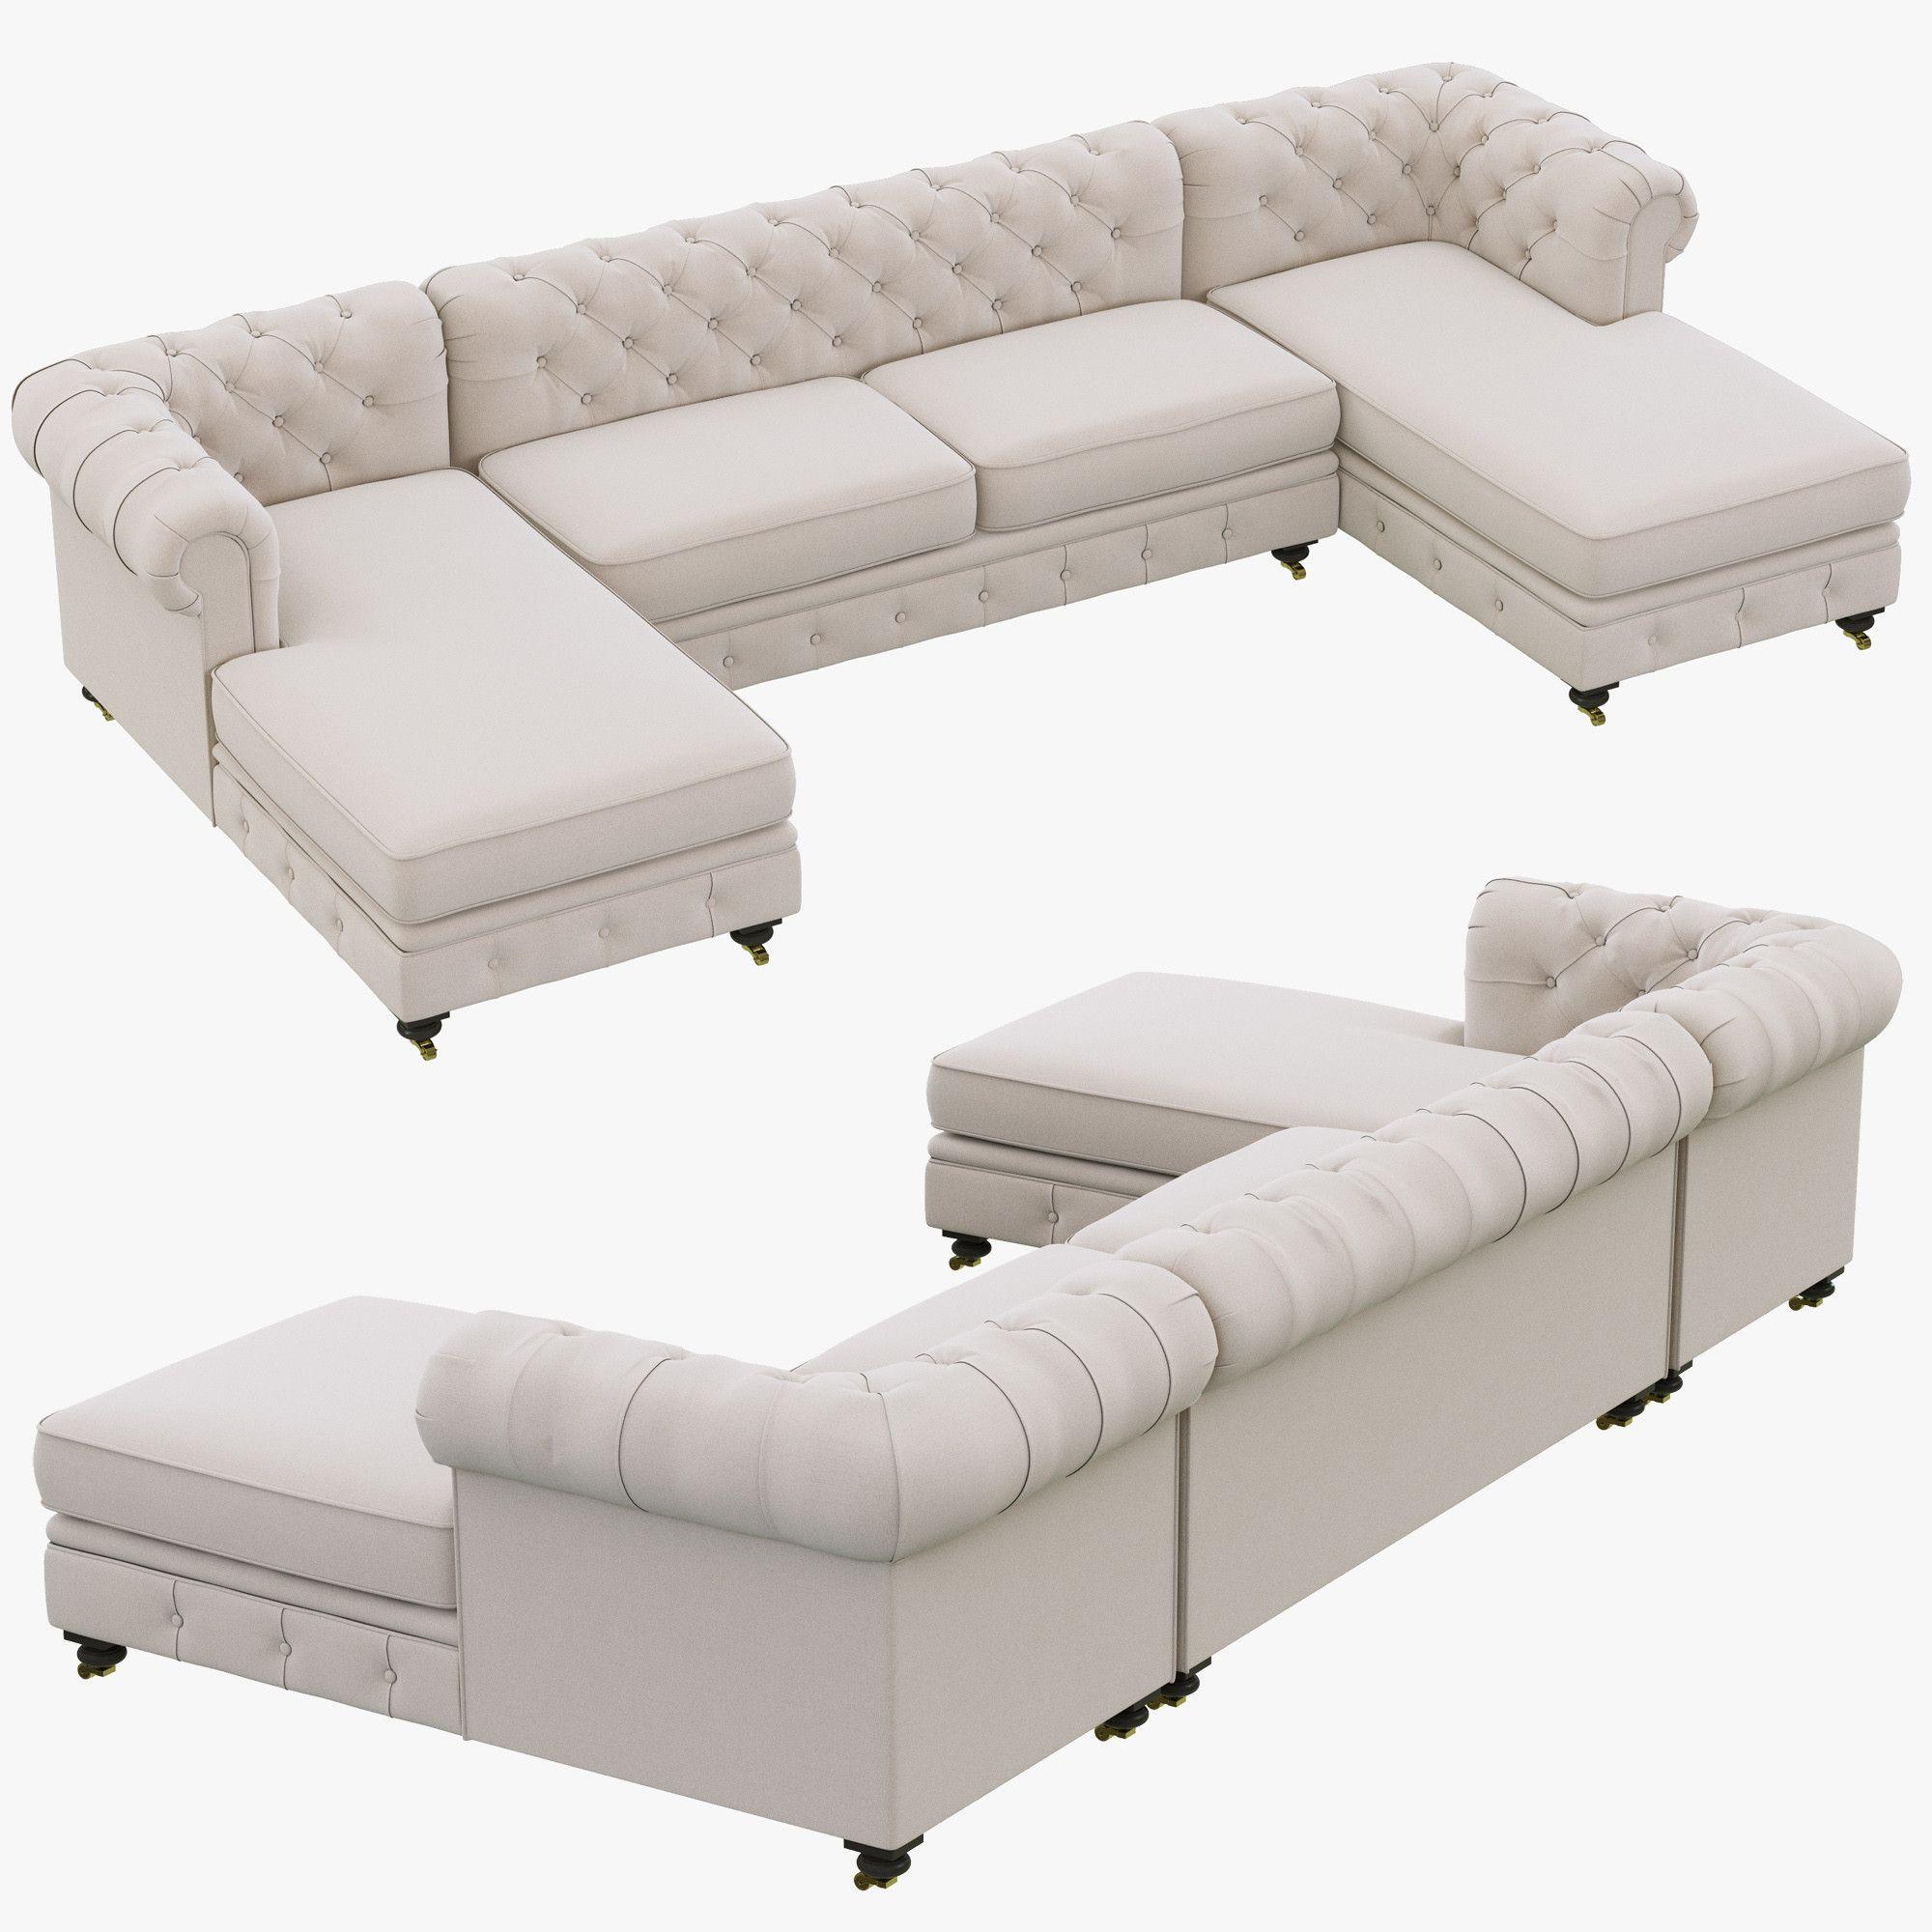 Restoration Hardware Kensington Upholstered 3d Max 3  ~ Kensington Upholstered Sofa